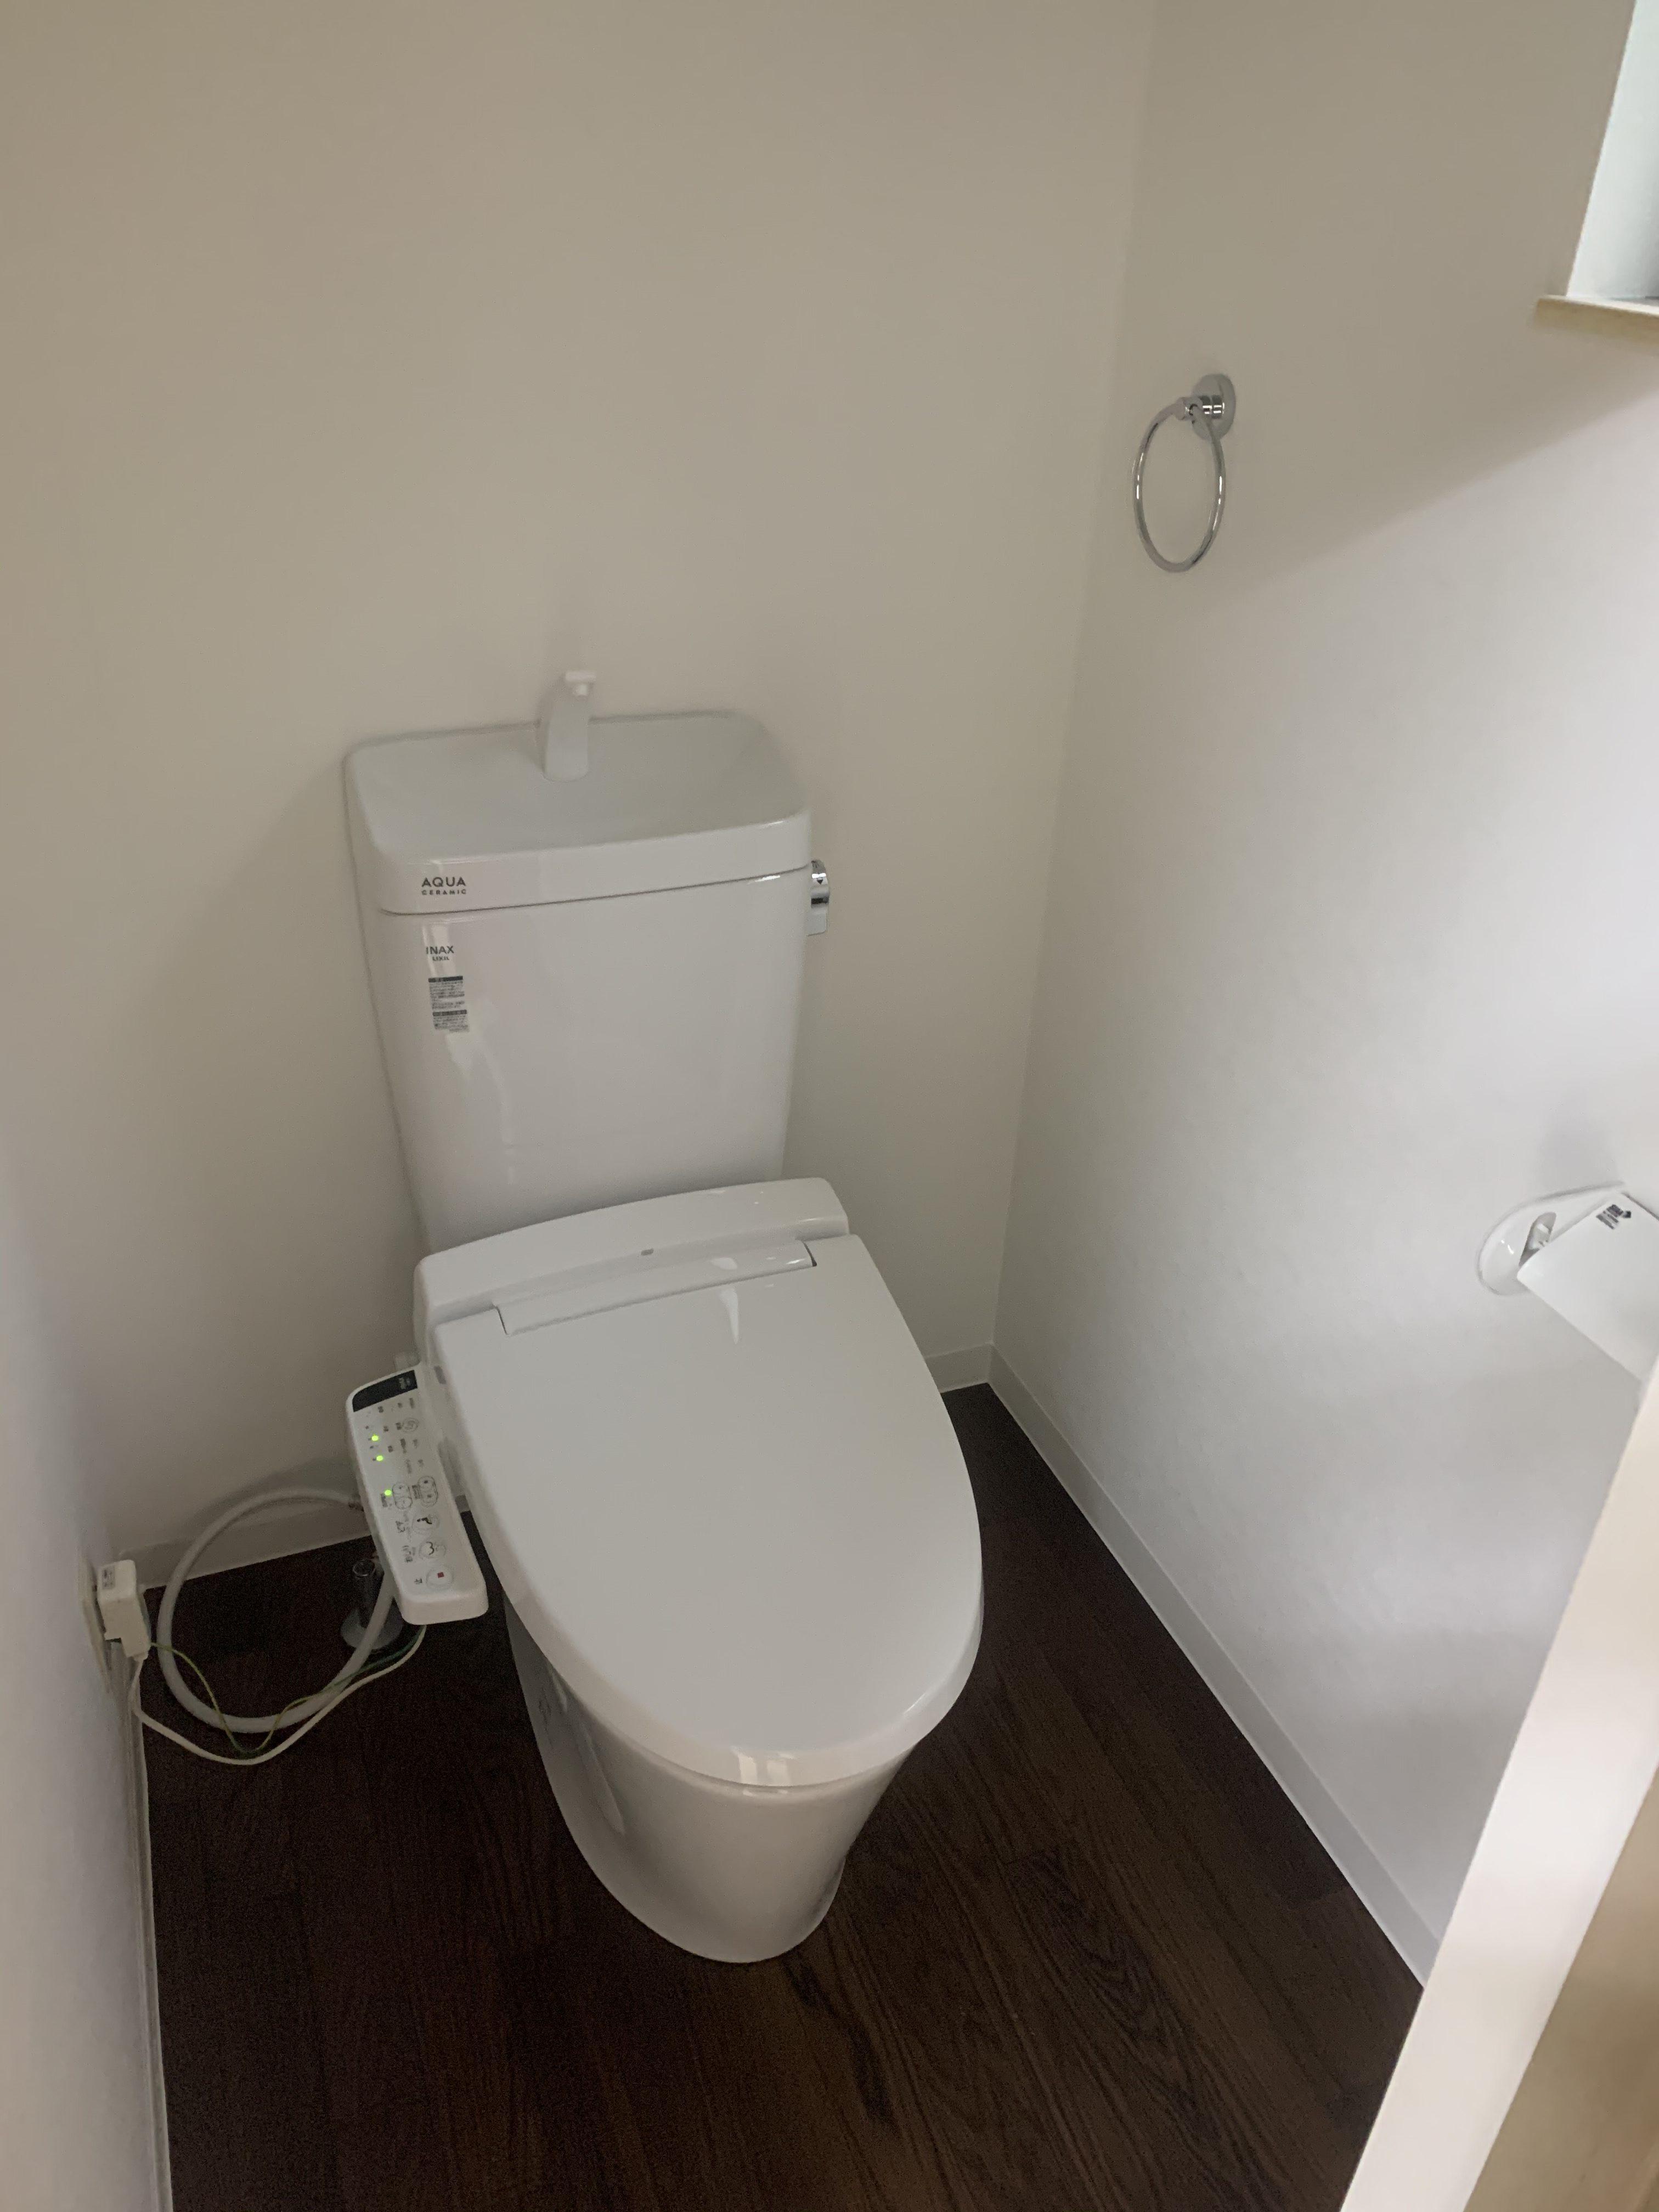 タイル張り和式トイレが洋式トイレに早変わり